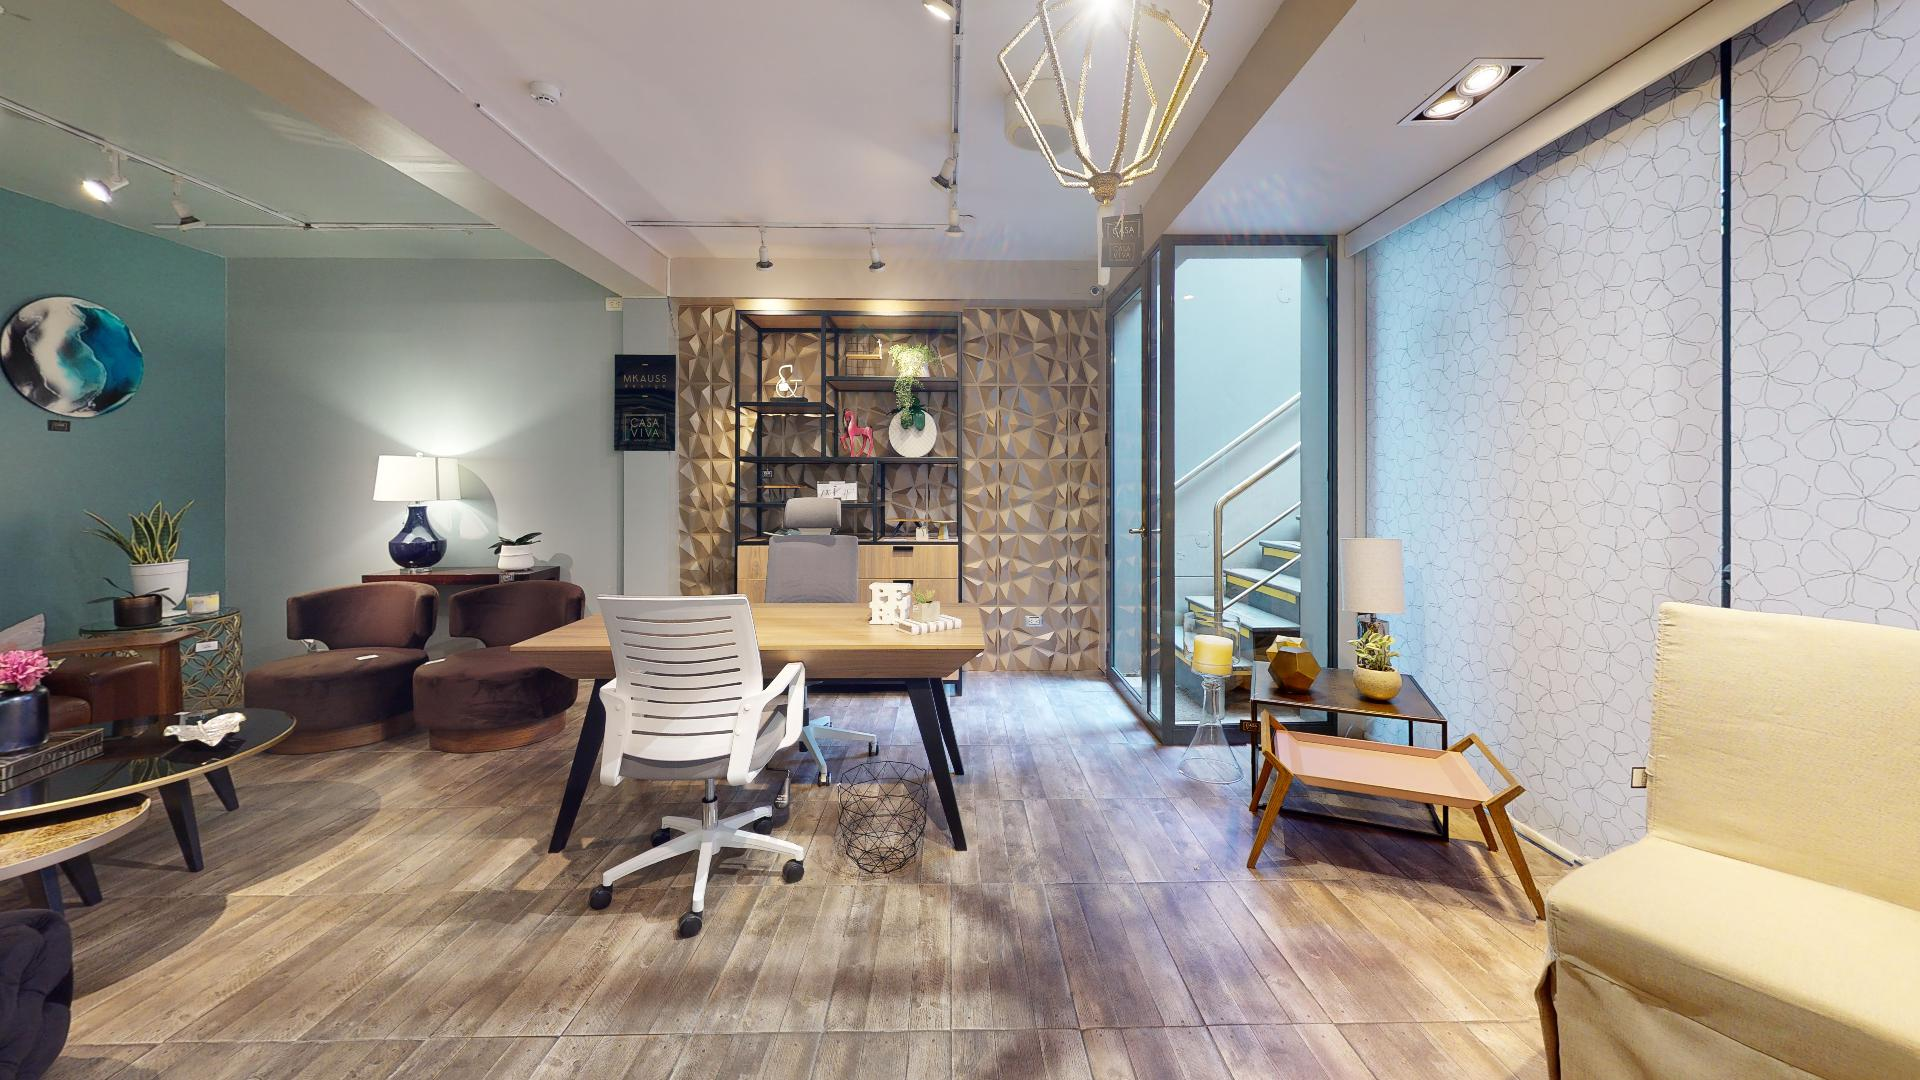 Showroom planta baja del recorrido virtual casaviva home boutique, Santiago de Surco, Lima, Perú